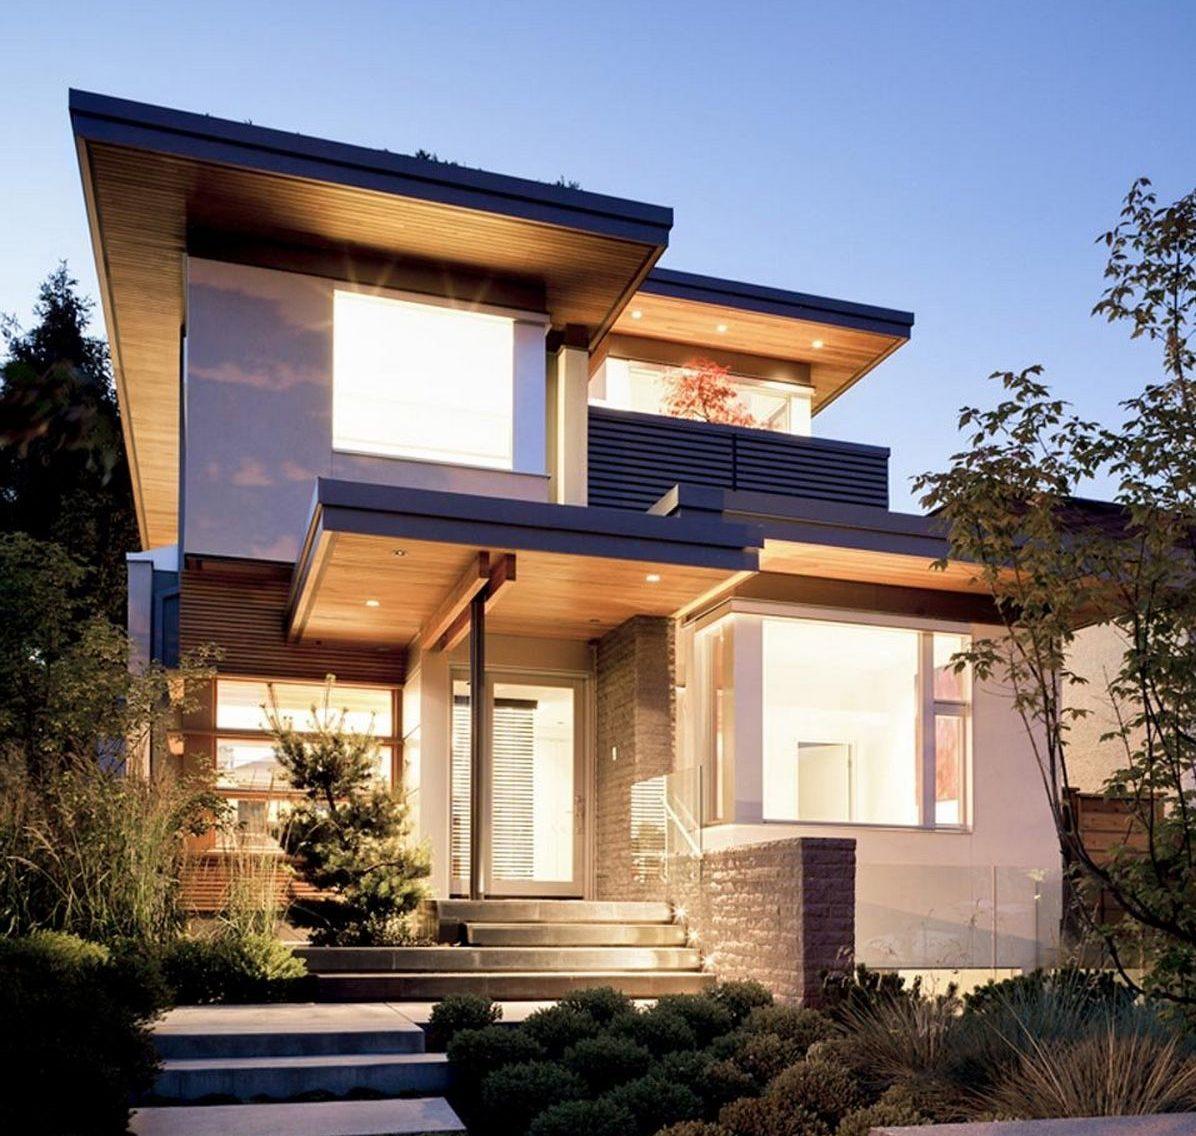 desain rumah minimalis 2 tingkat